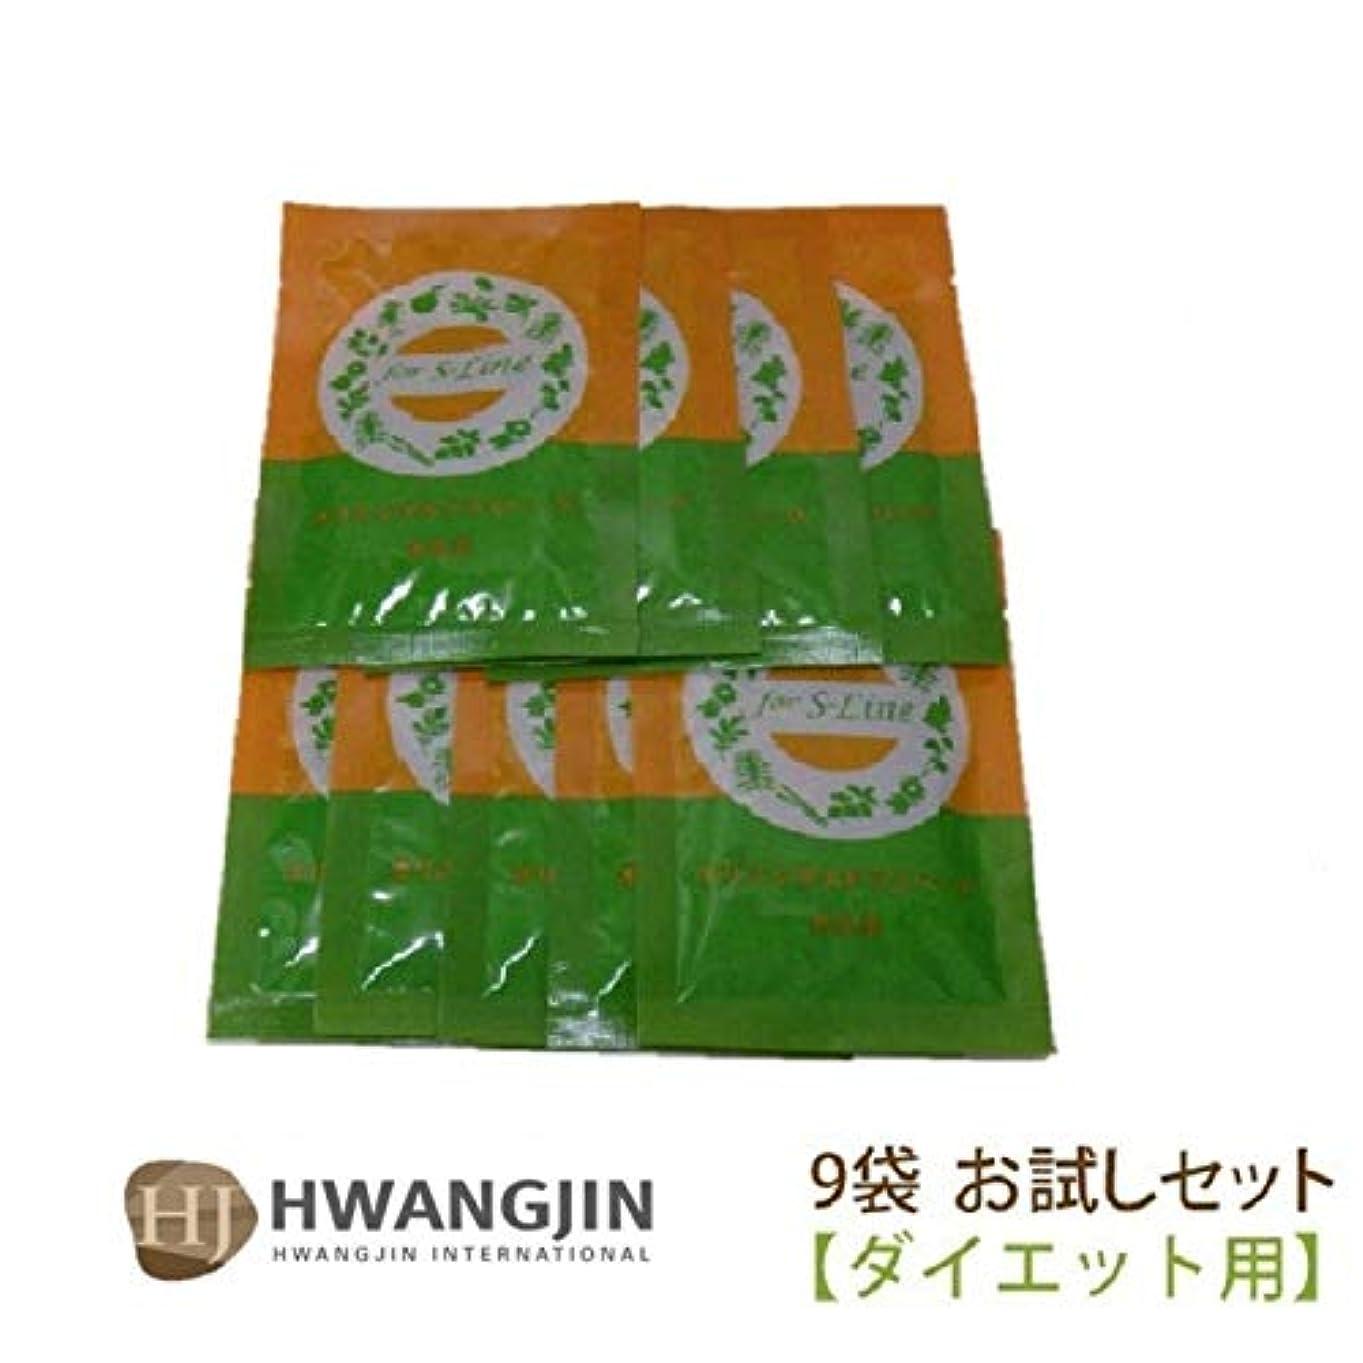 成熟した悲しいことに口頭ファンジン黄土 座浴剤 9袋 正規品 (S-Line (ダイエット用) 9袋)